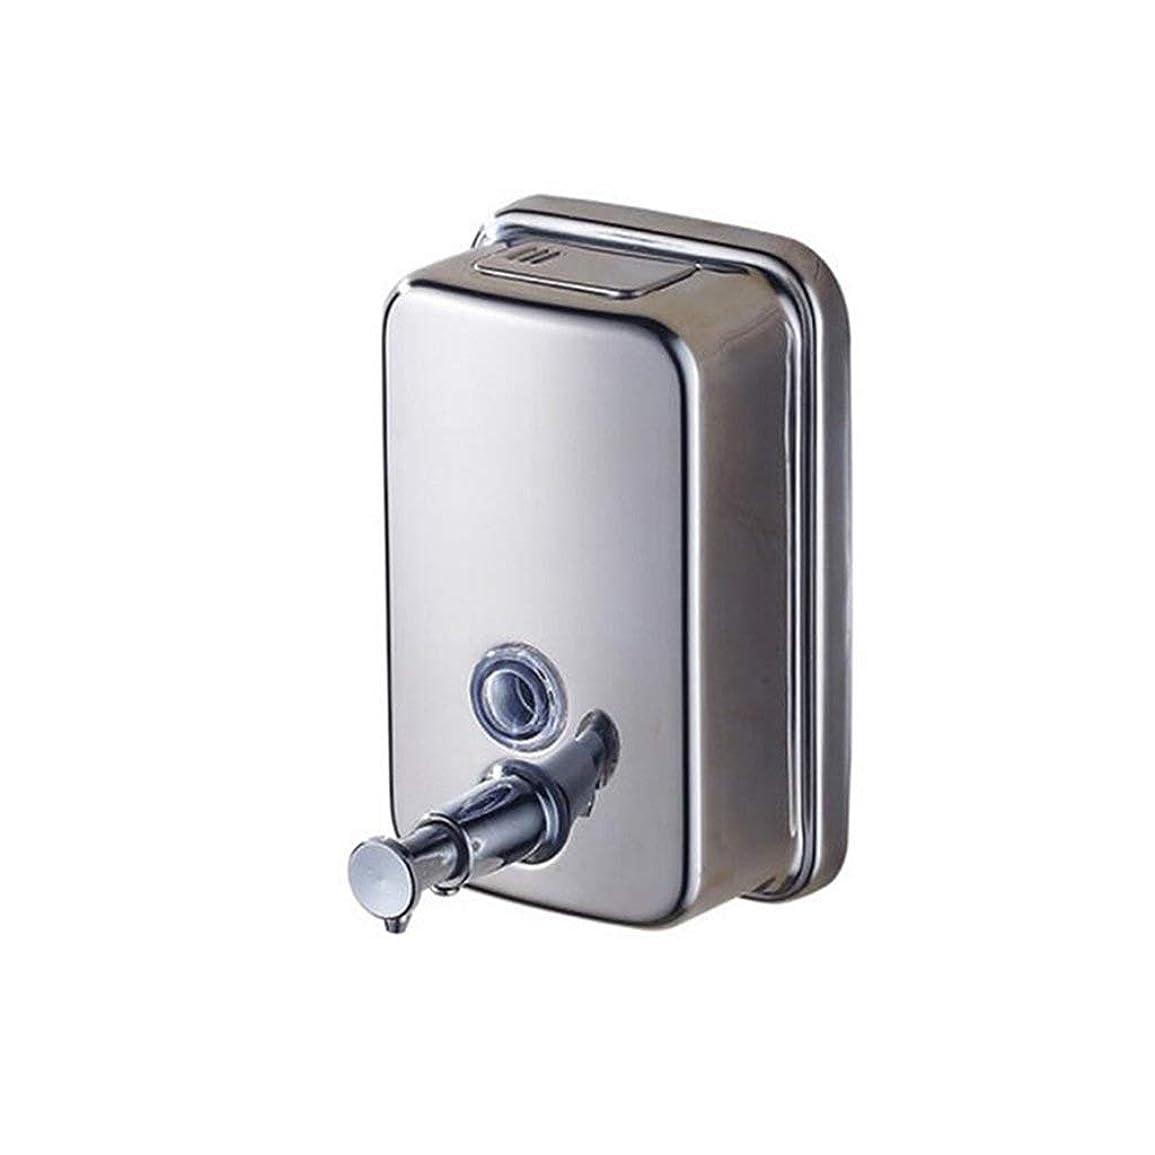 織る観光に行く渇きKylinssh 台所の流しおよび浴室のための単に壁に設置されたソープディスペンサー - ソープディスペンサーホルダー